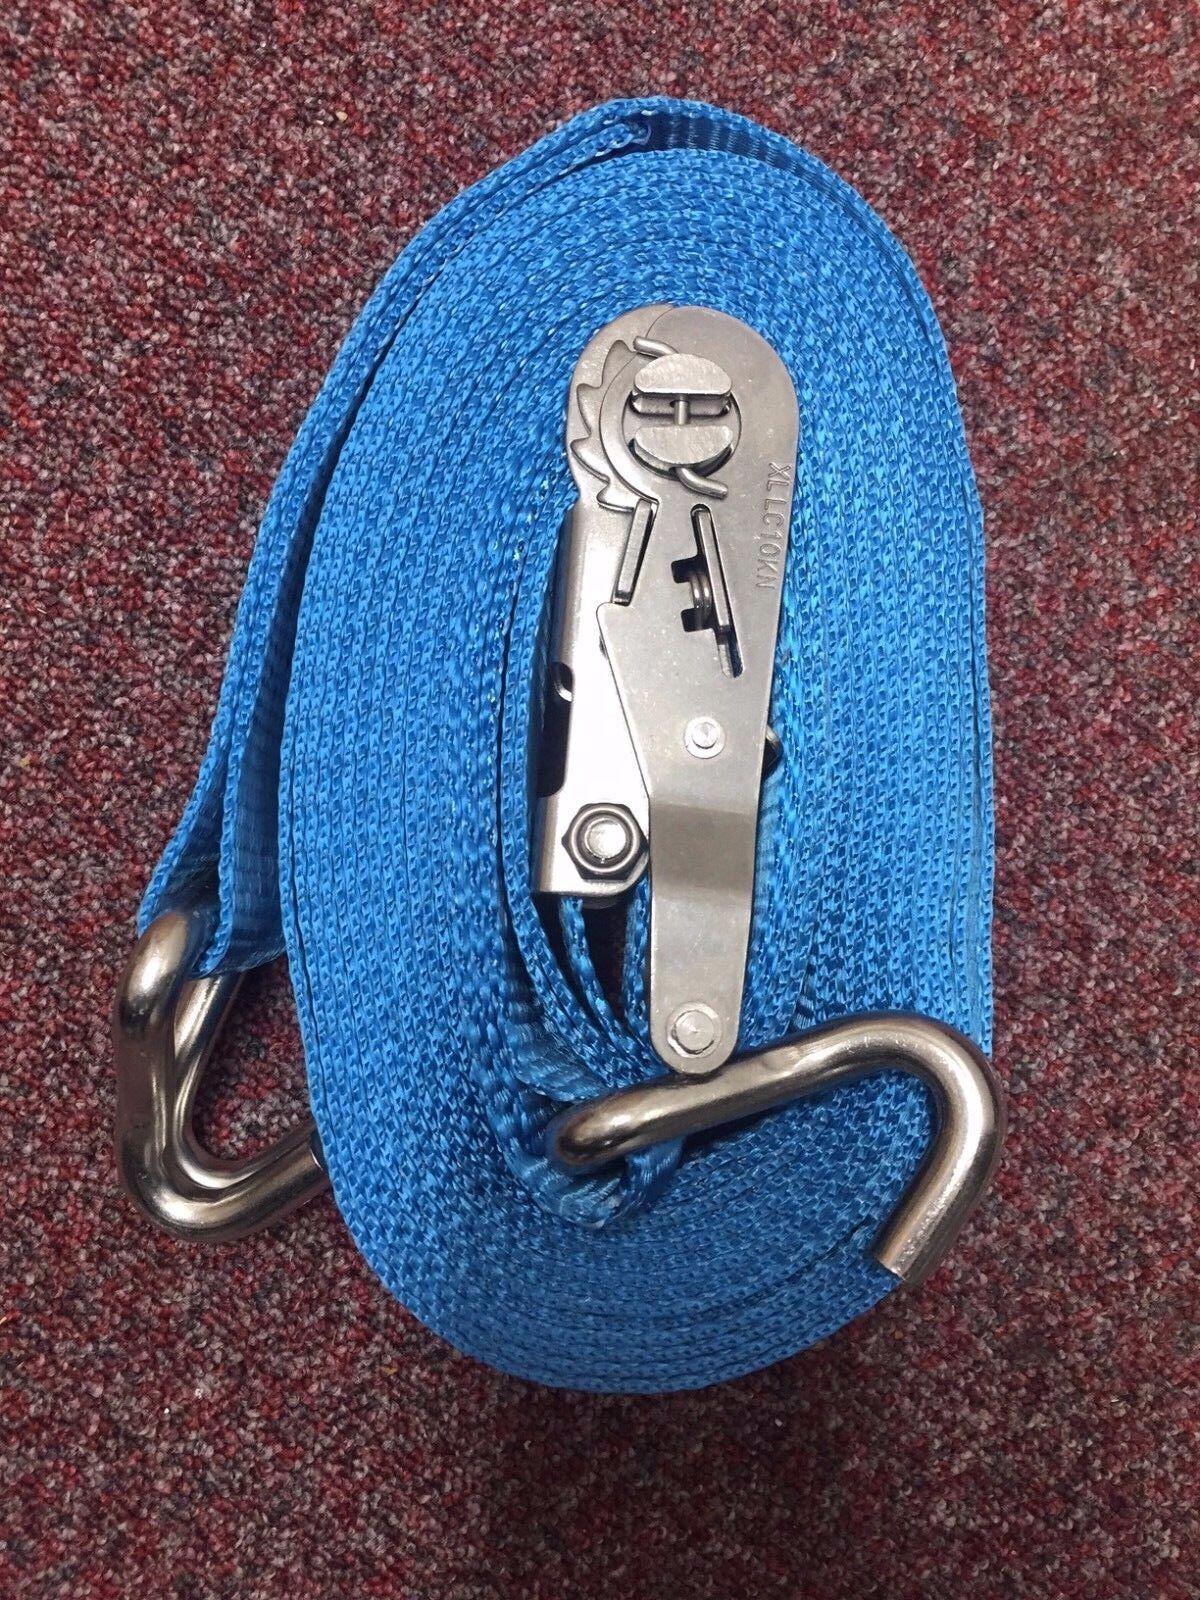 Cinturino cricchetto in acciaio inox - 7 M-NUOVO